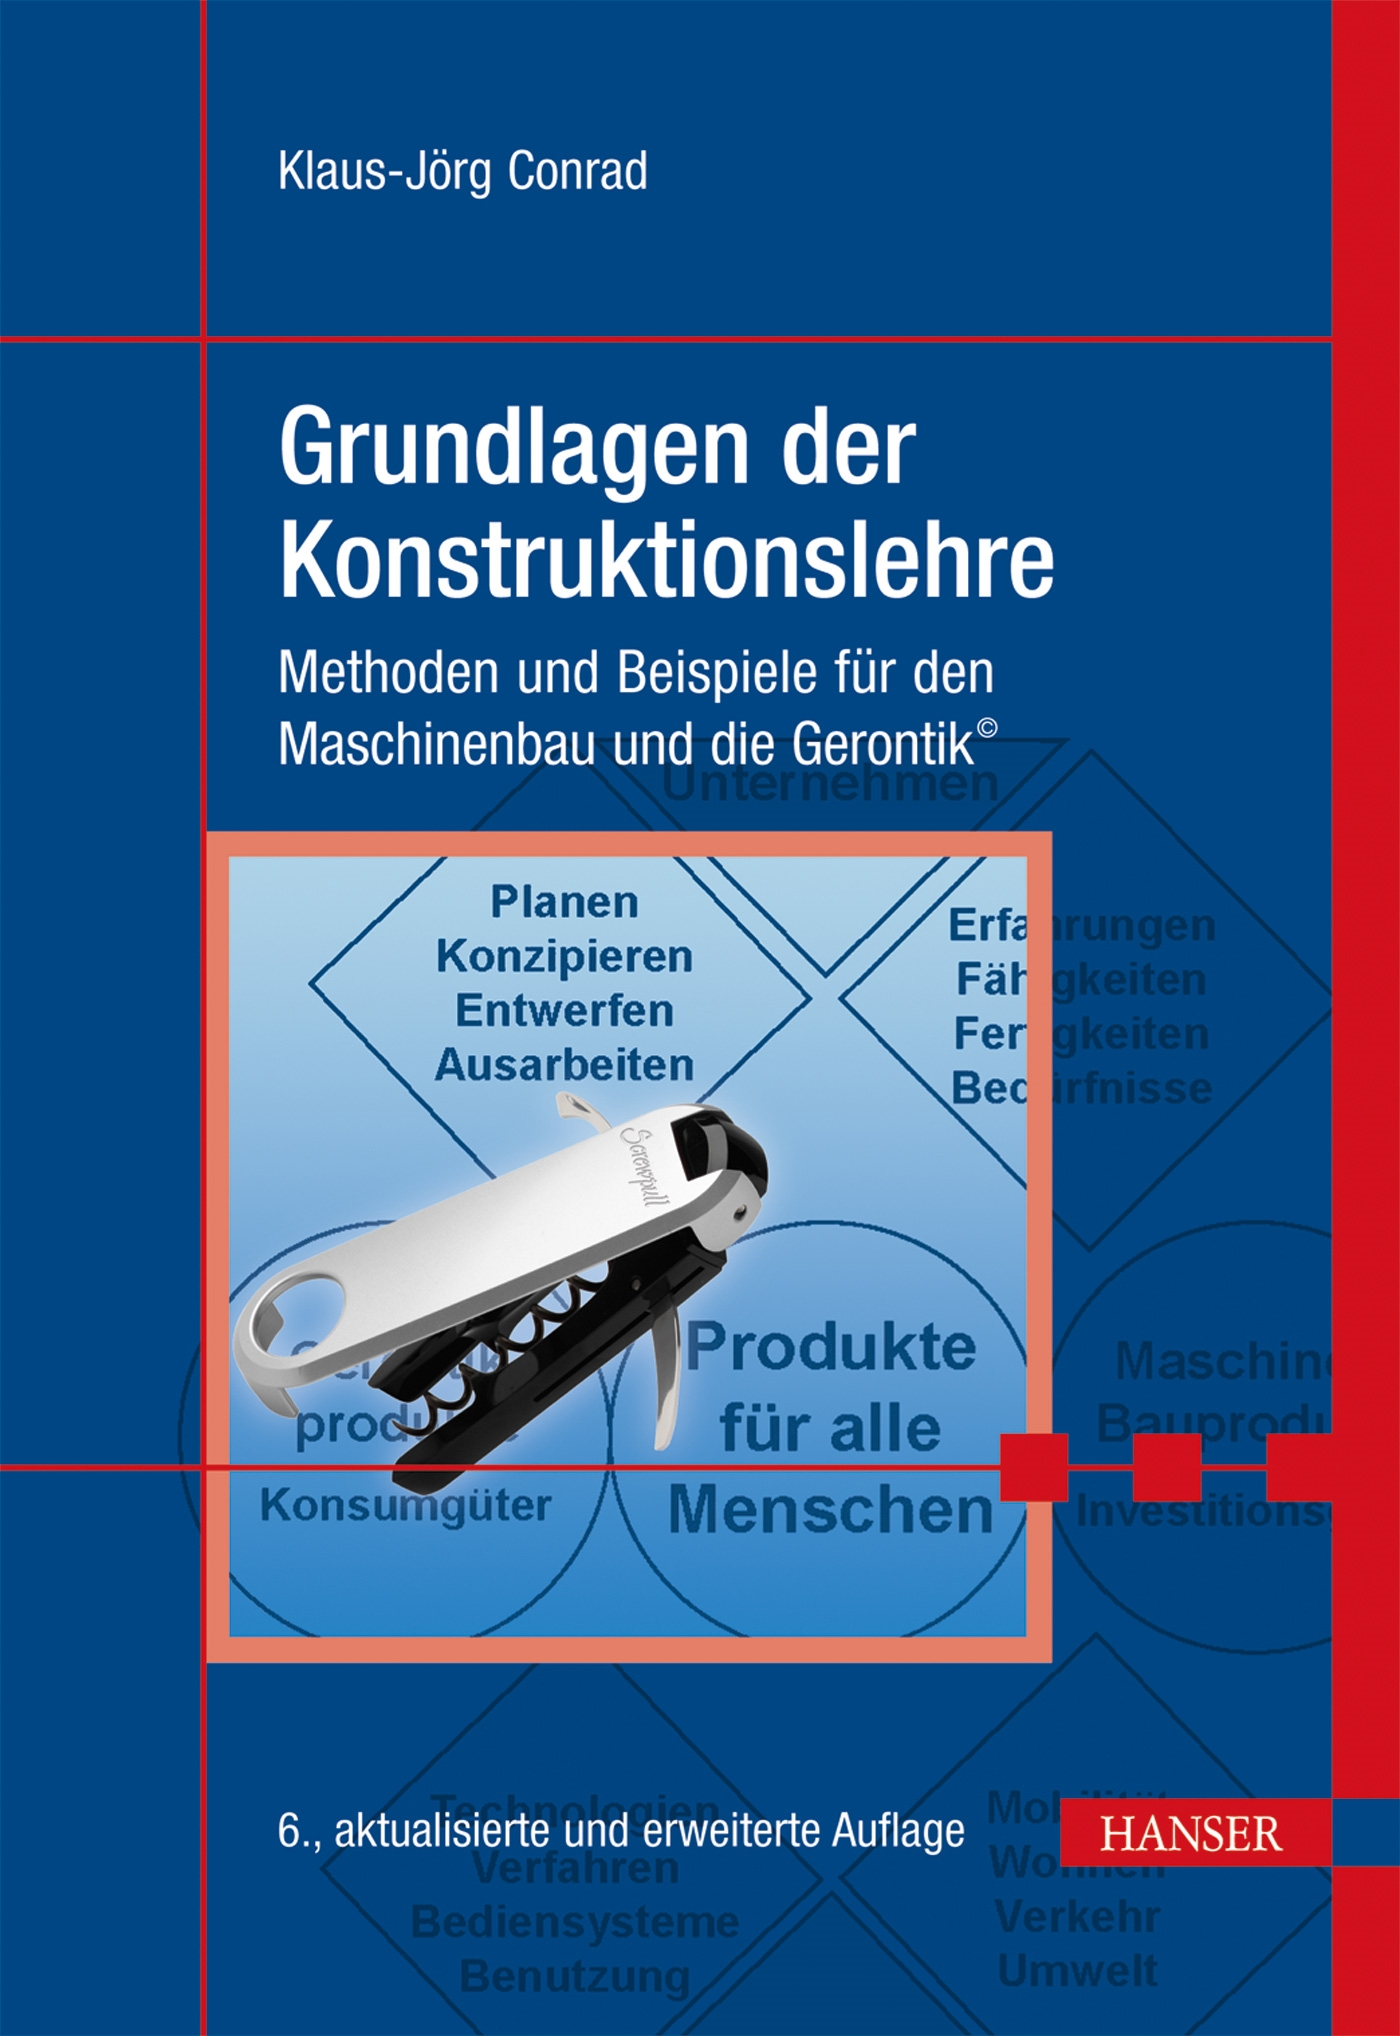 grundlagen der konstruktionslehre hanser fachbuch - Konsumguter Beispiele